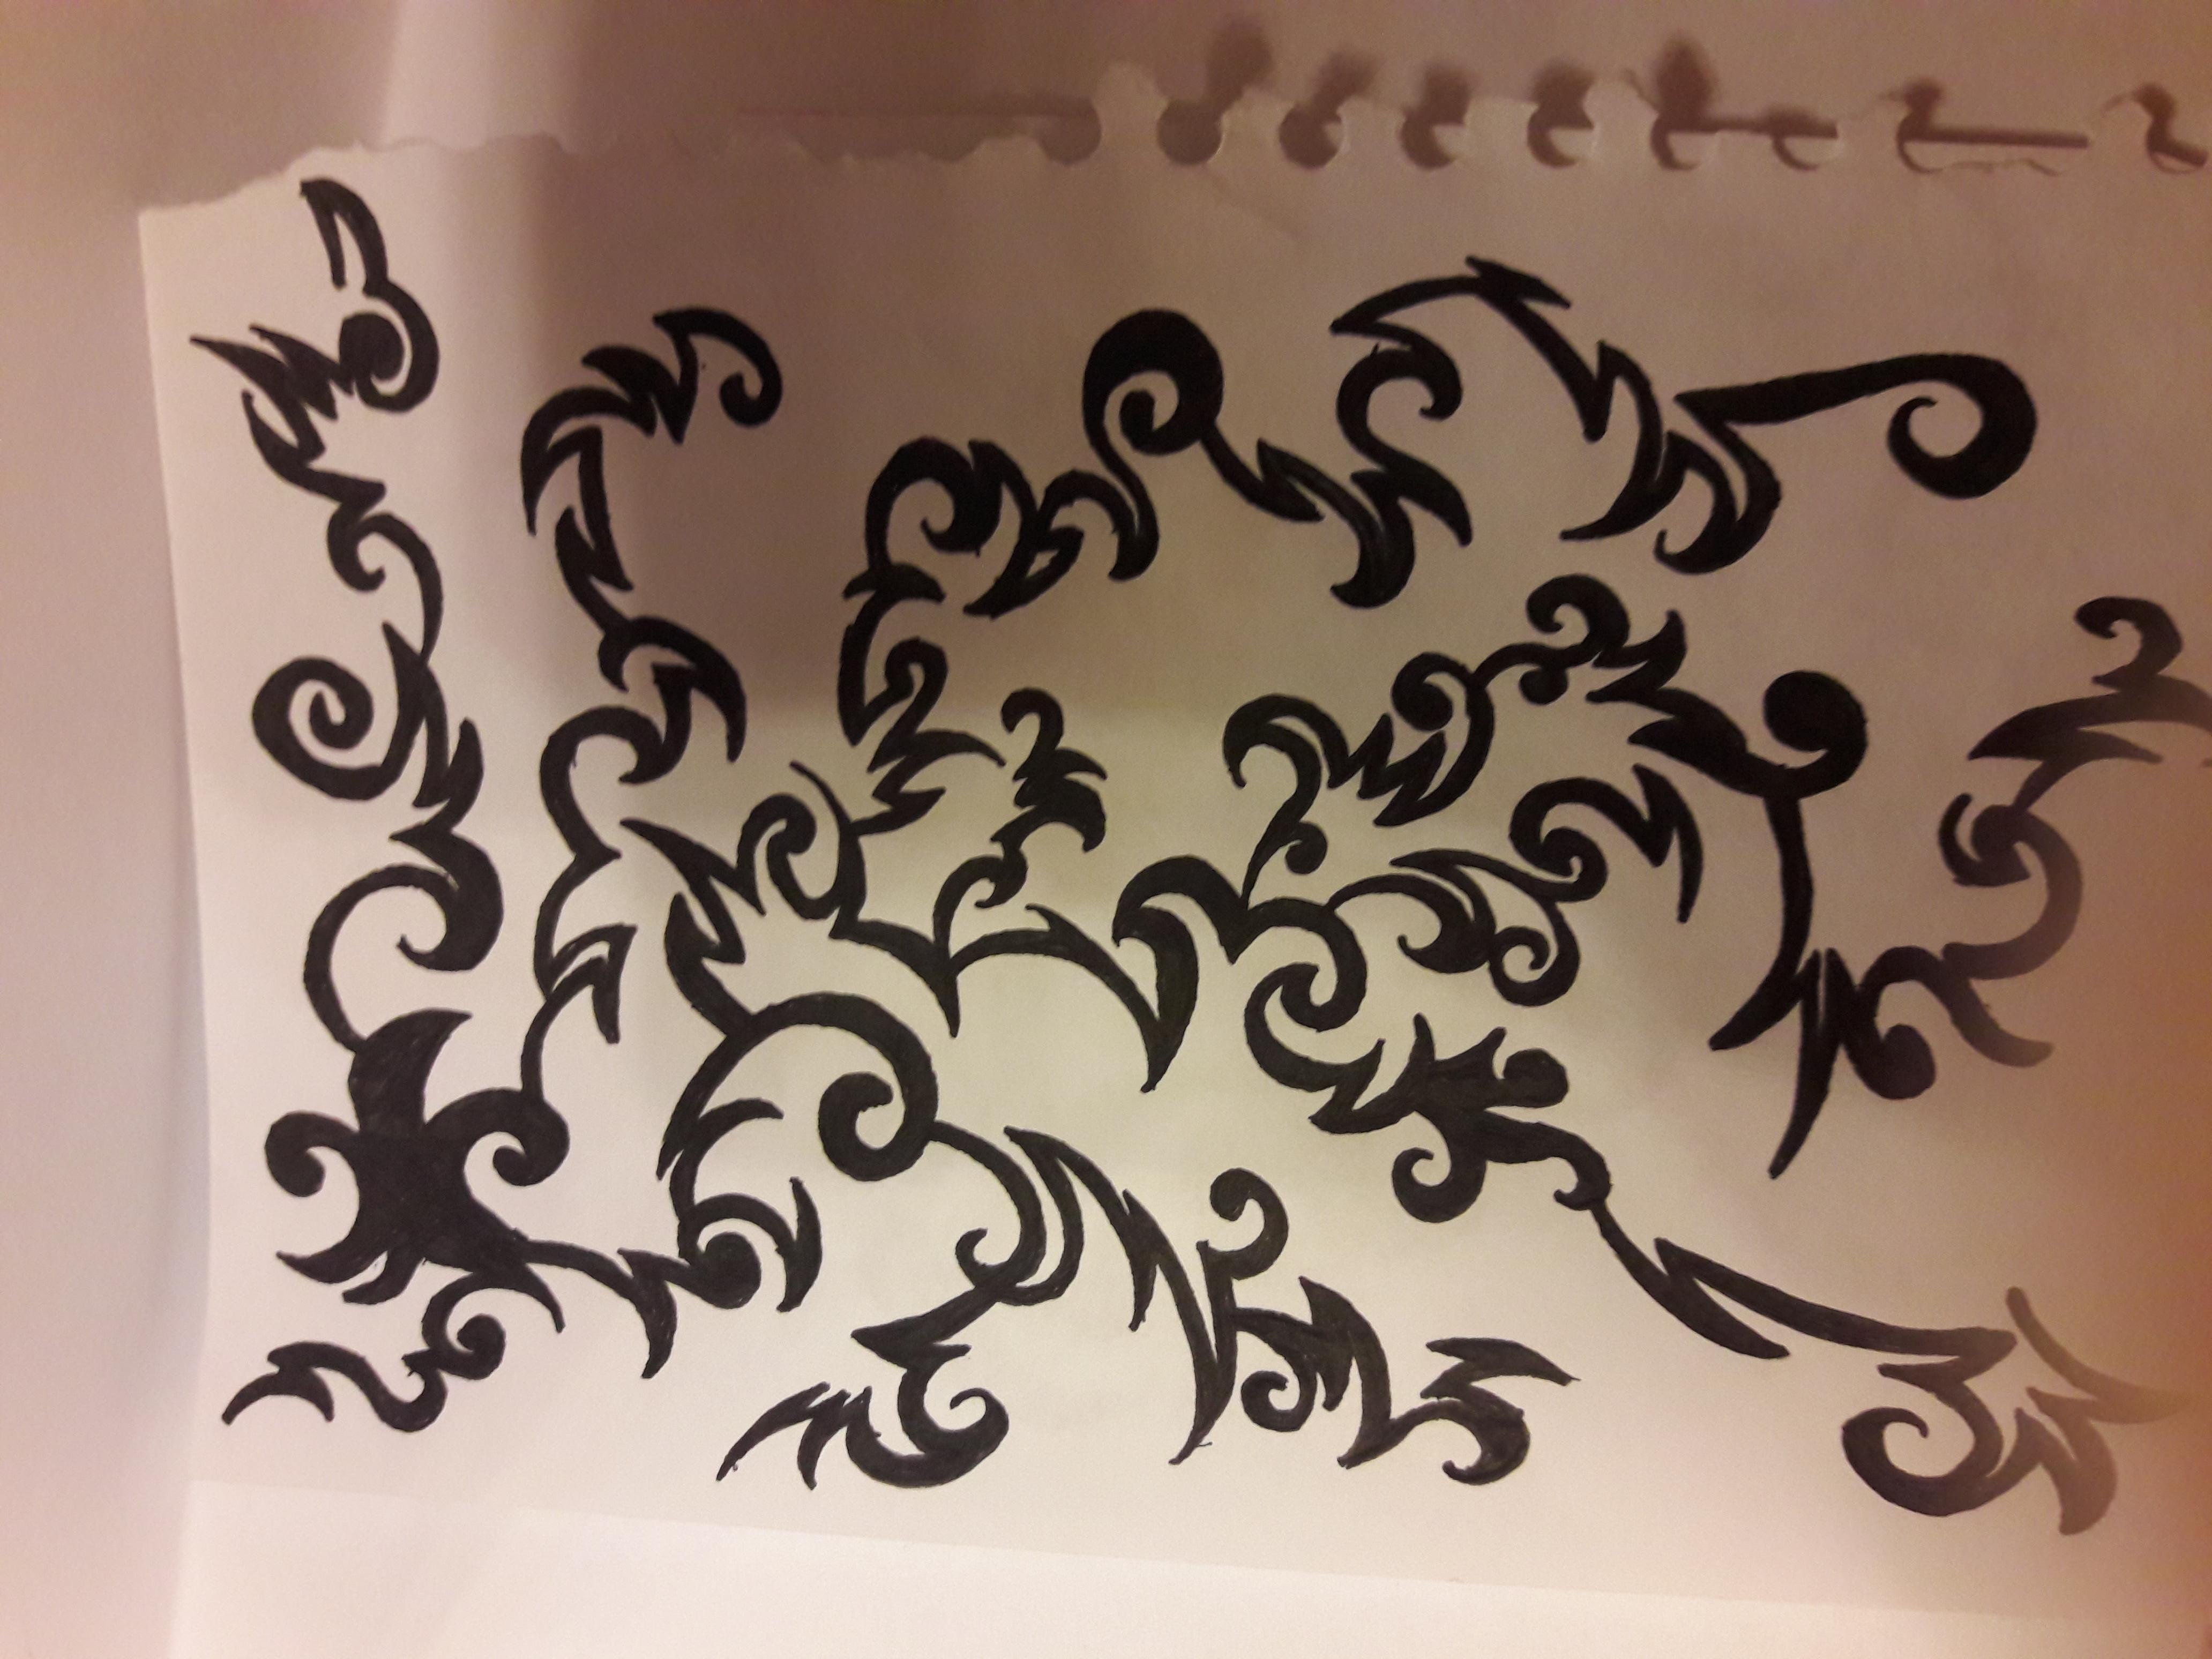 Как называется такой стиль рисования?/ как нащываются ...